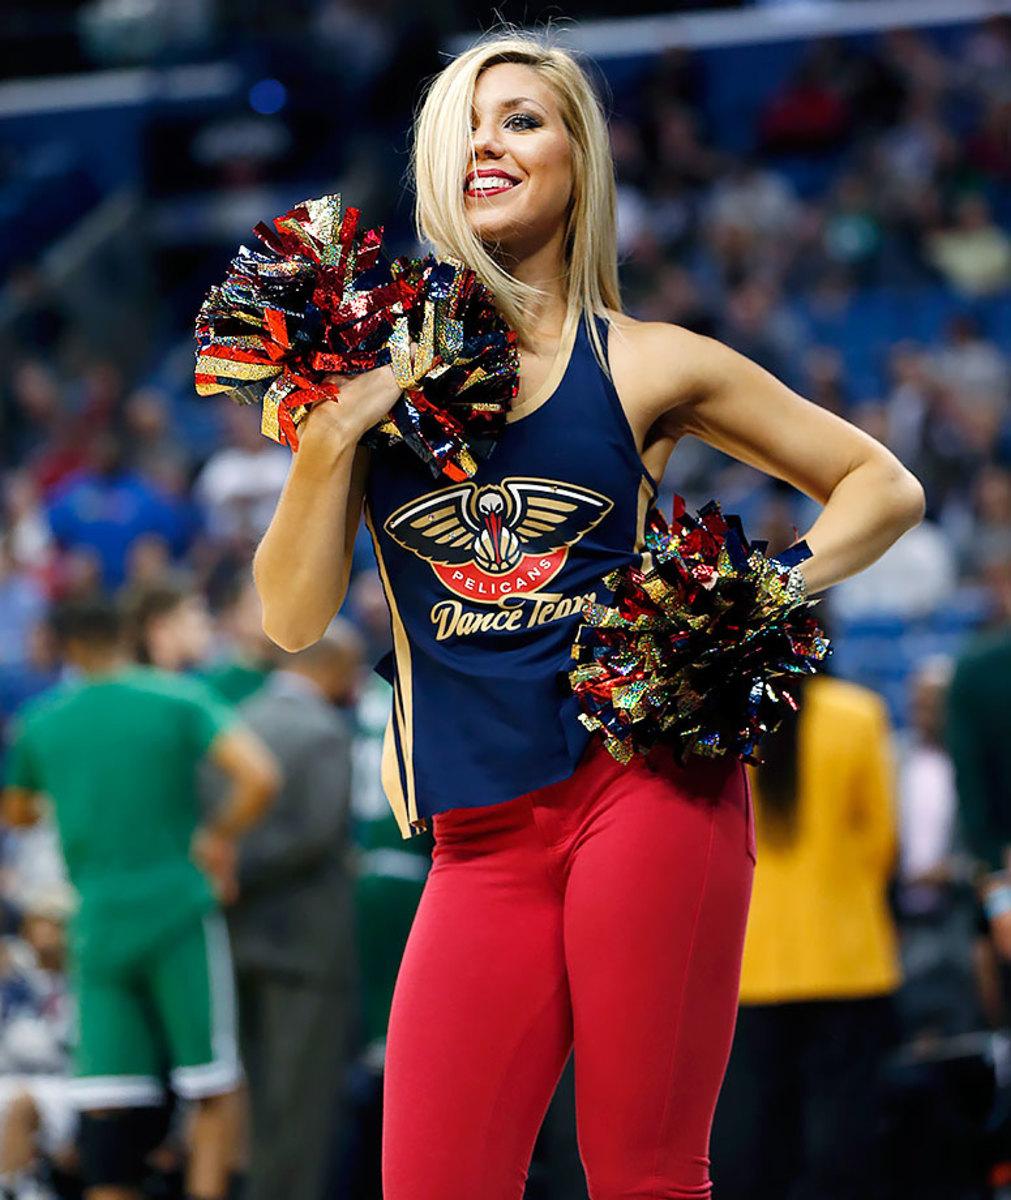 New-Orleans-Pelicans-Dancers-b1087123b6a641059d851d72432747f5-0.jpg